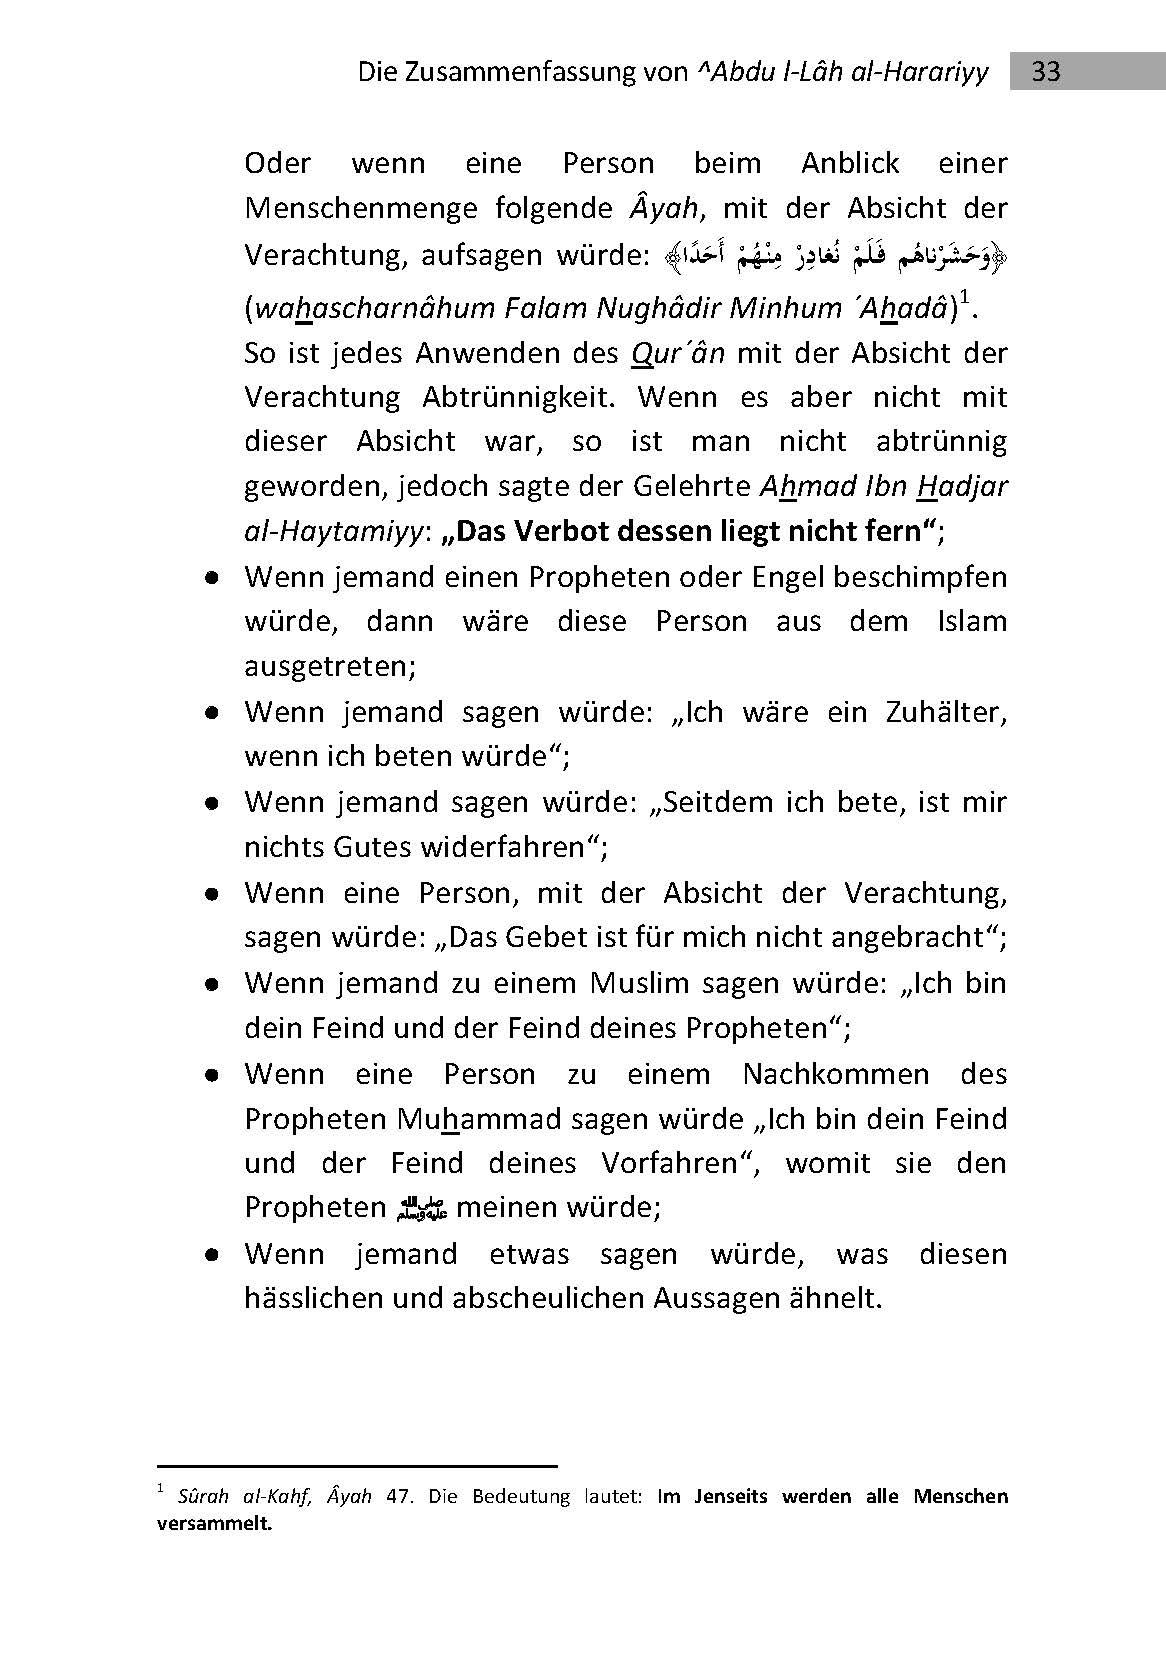 Die Zusammenfassung - 3. Auflage 2014_Seite_33